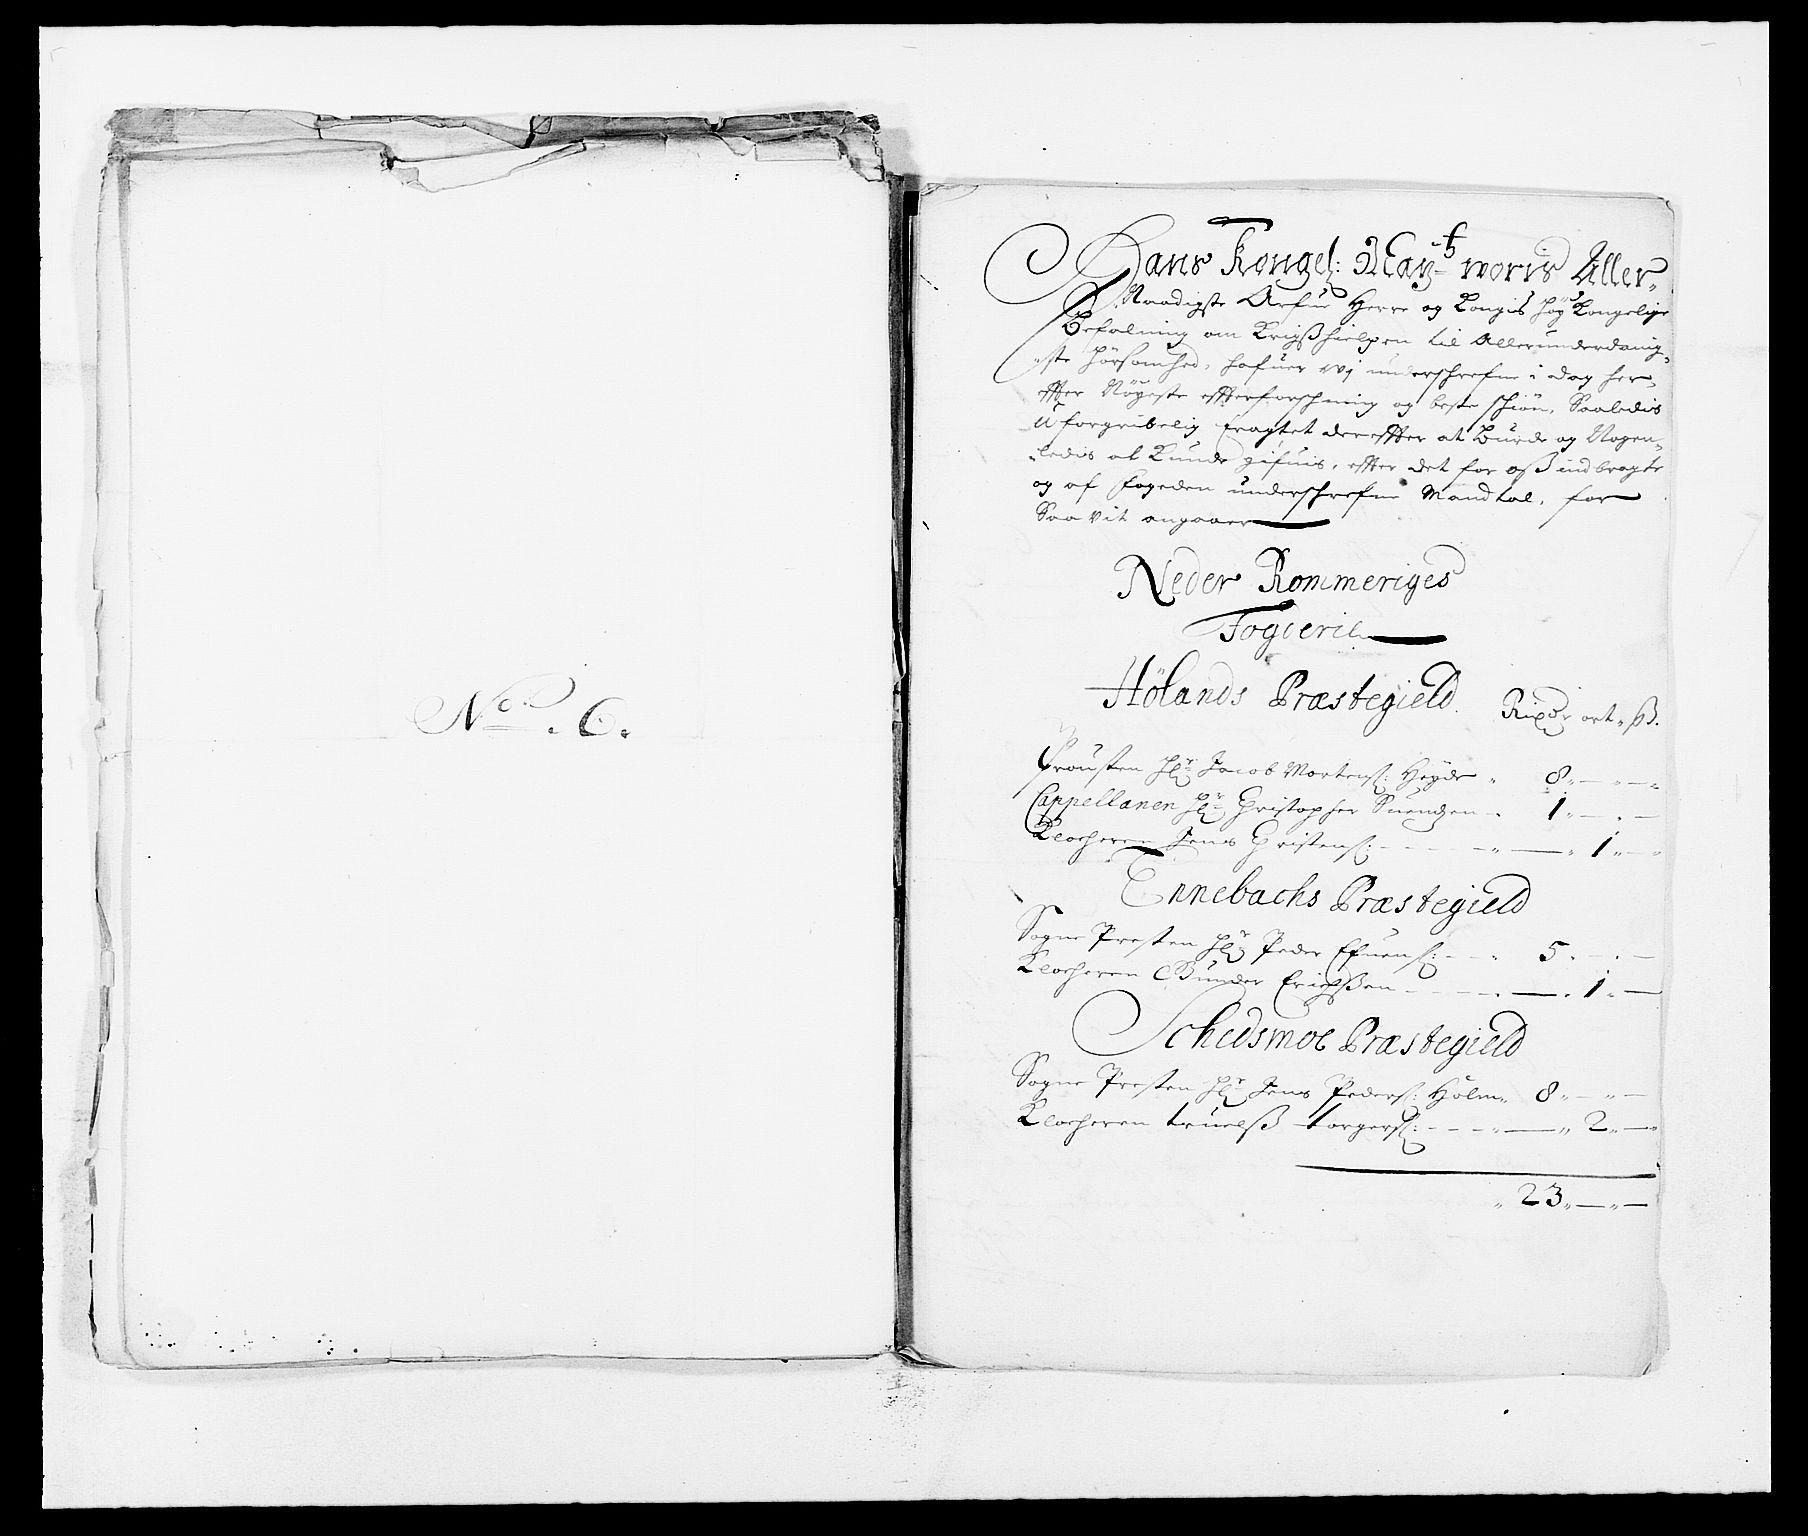 RA, Rentekammeret inntil 1814, Reviderte regnskaper, Fogderegnskap, R11/L0571: Fogderegnskap Nedre Romerike, 1683-1685, s. 134